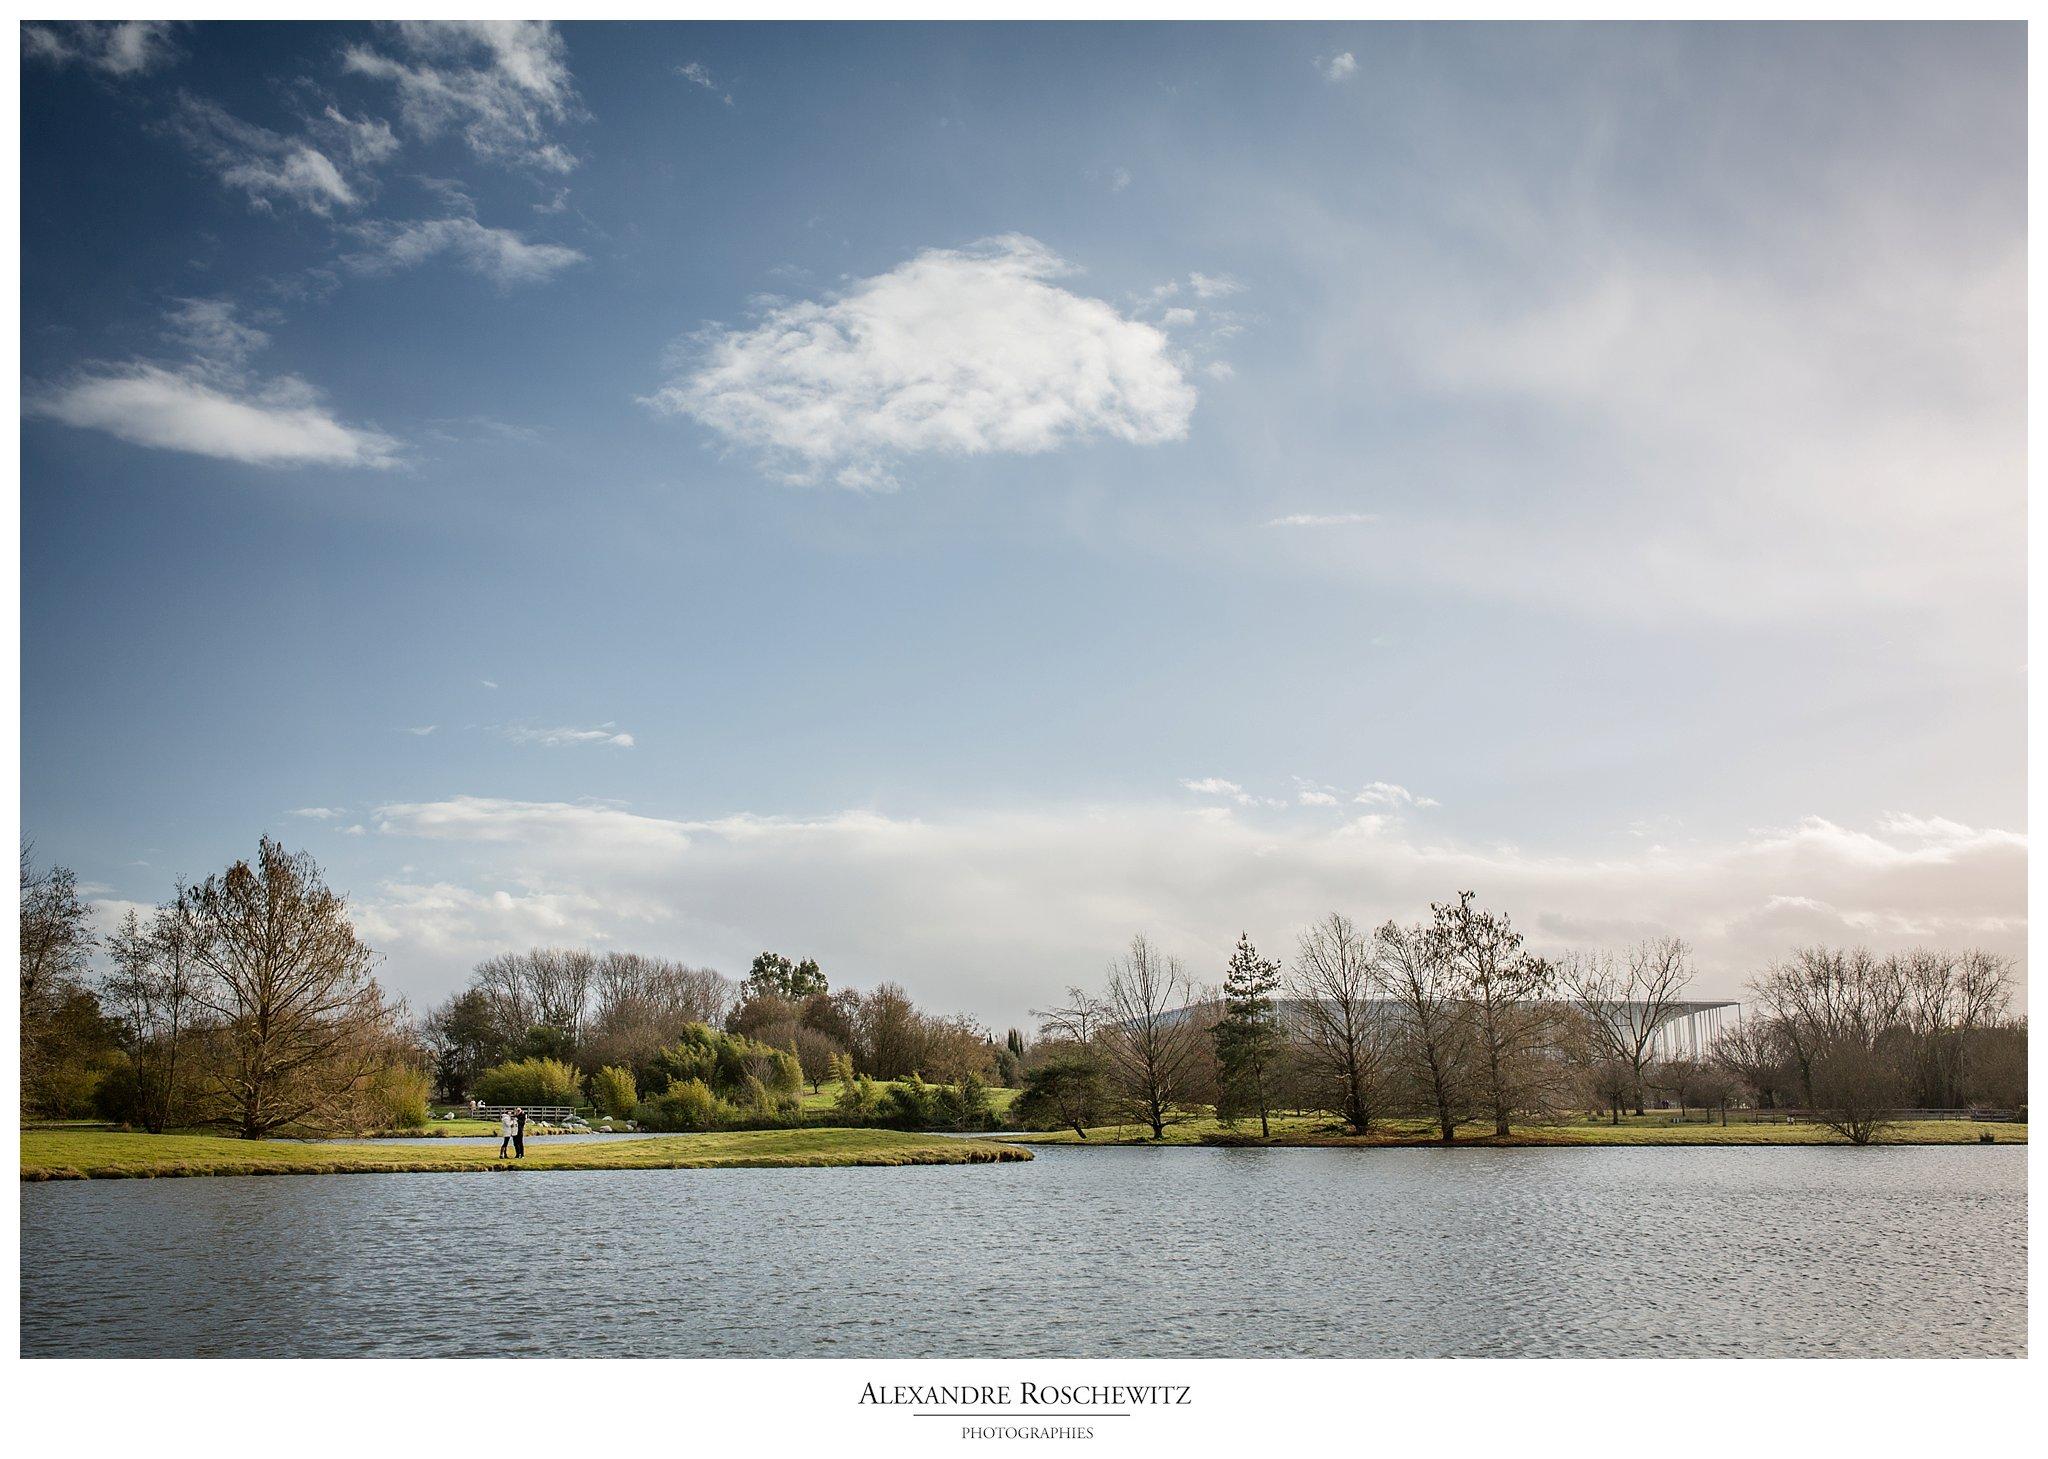 photographe-famille-bebe-bordeaux-parc-floral-quais-alexandre-roschewitz-photographies_204_2048px